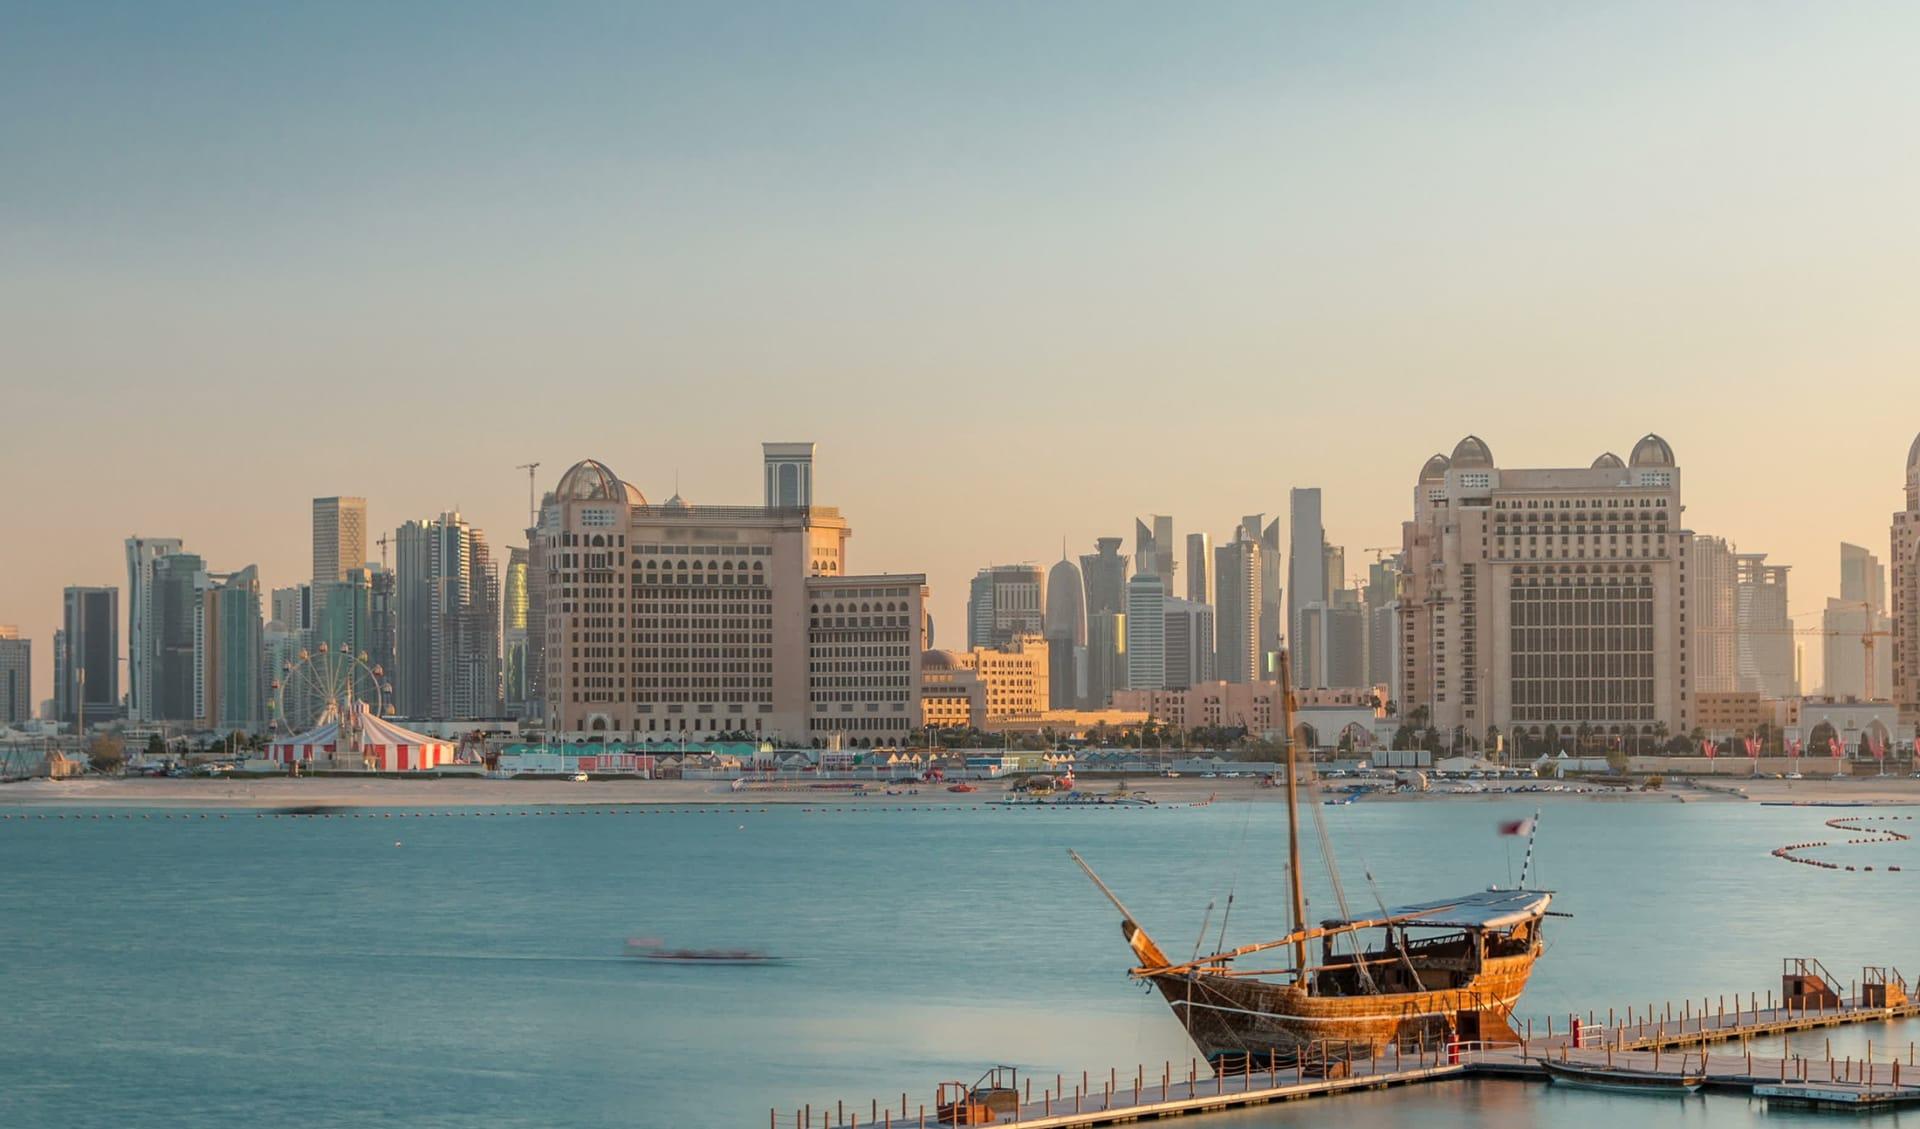 Strand, Qatar